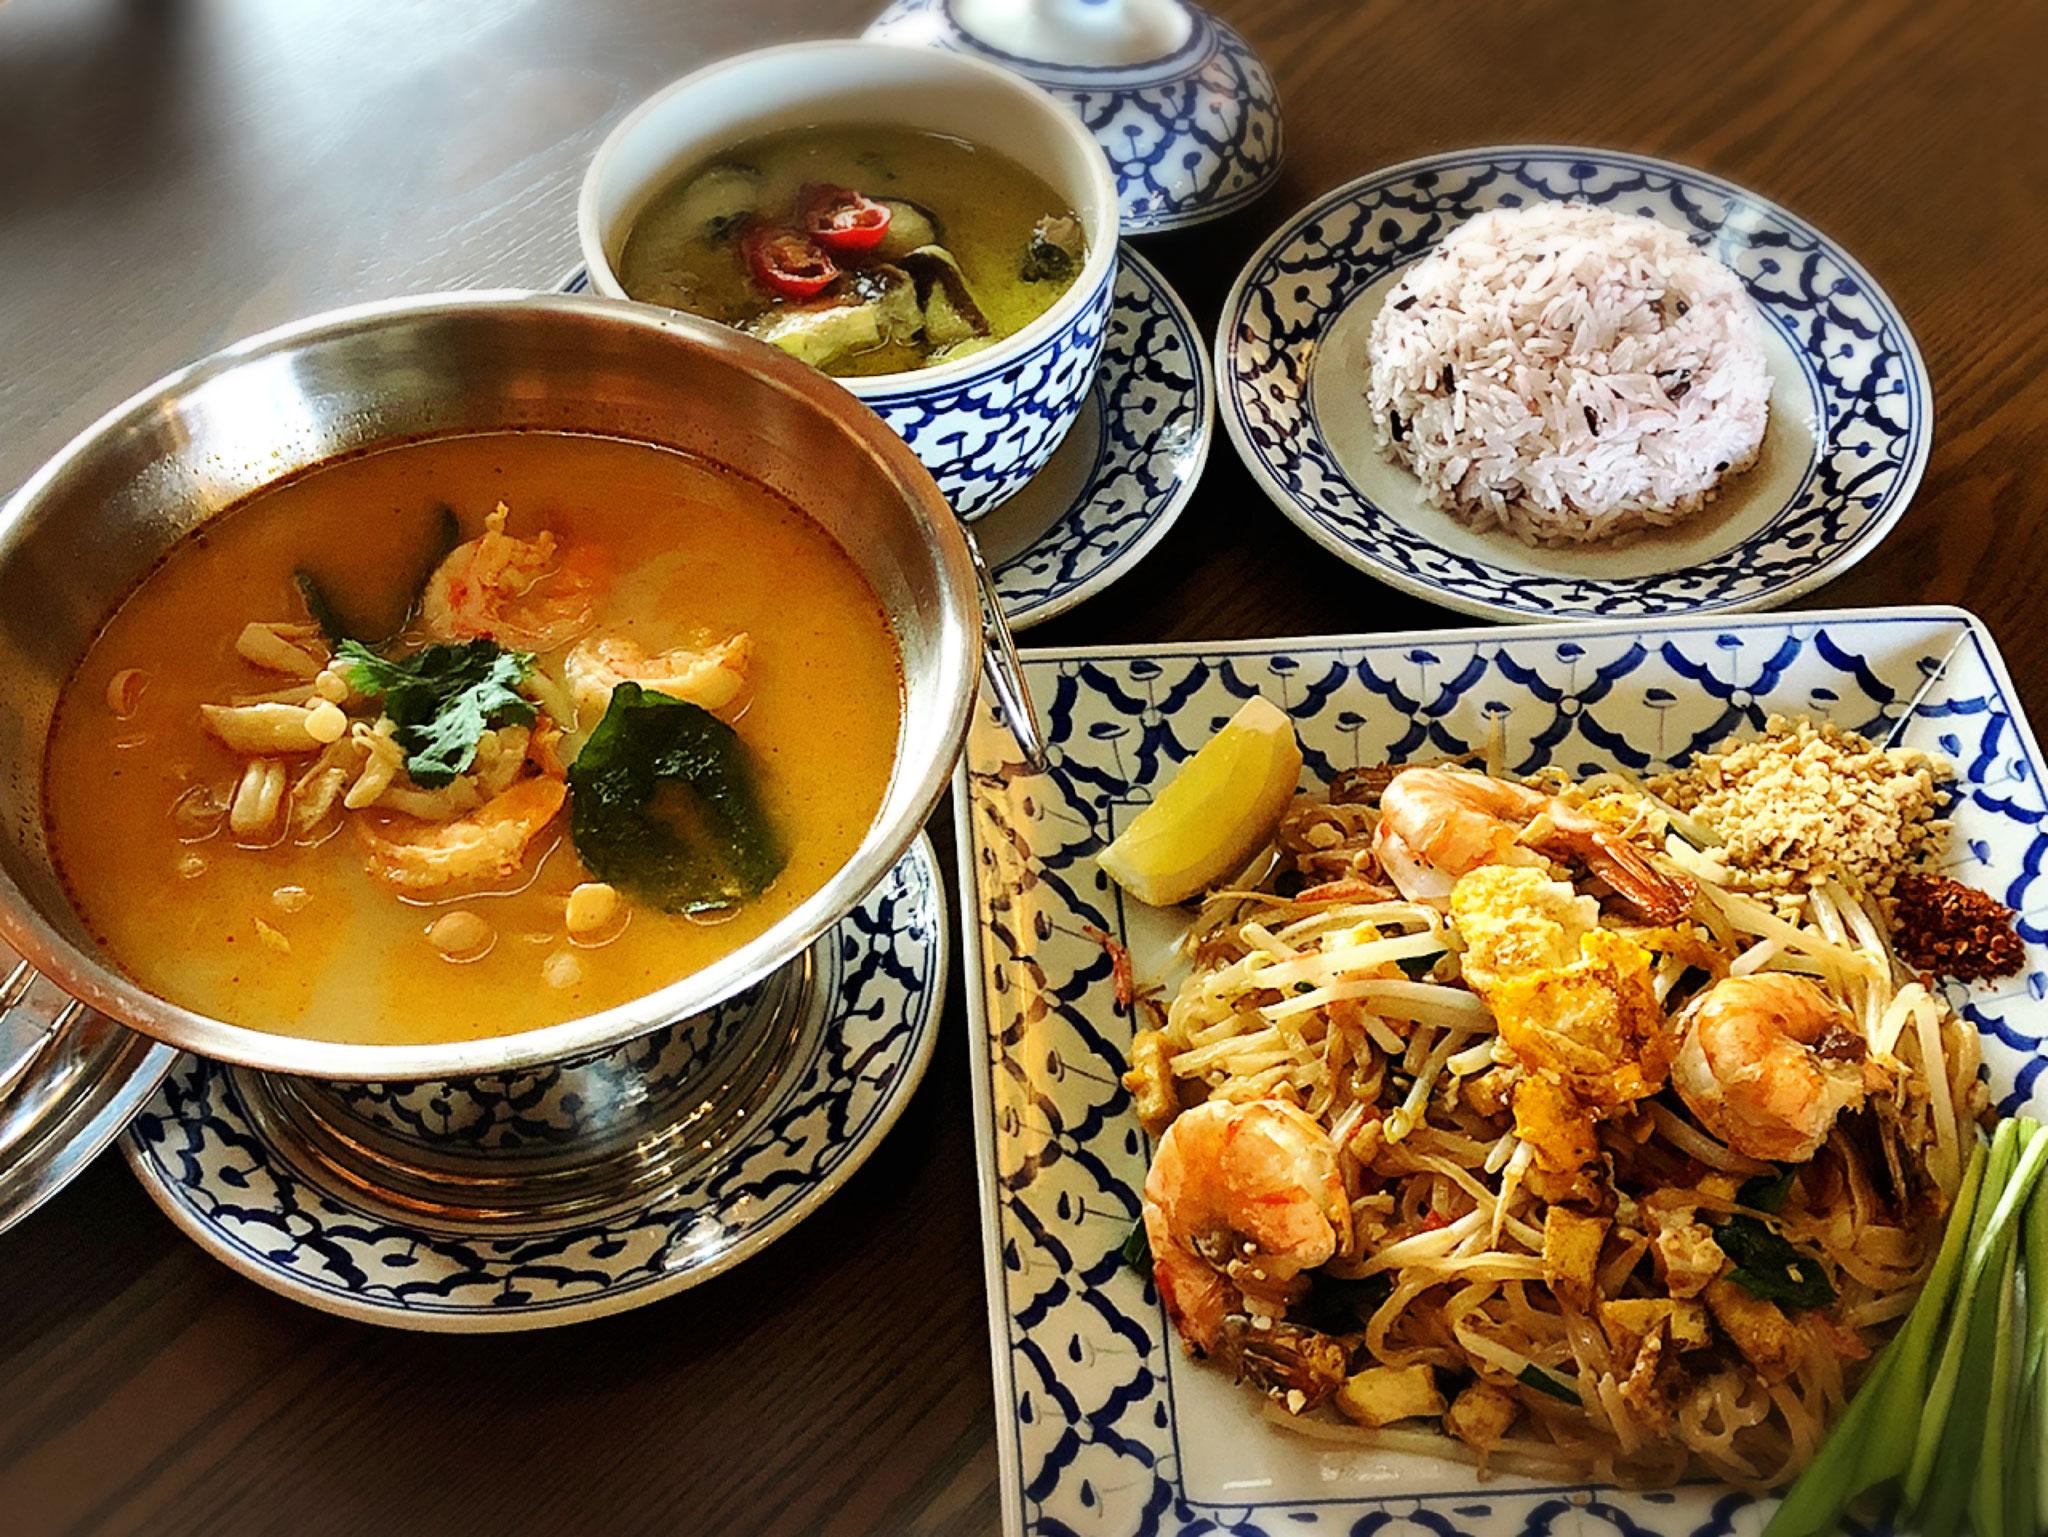 タイ政府認定「タイセレクト・プレミアム」の本物のタイ料理の味をお楽しみください